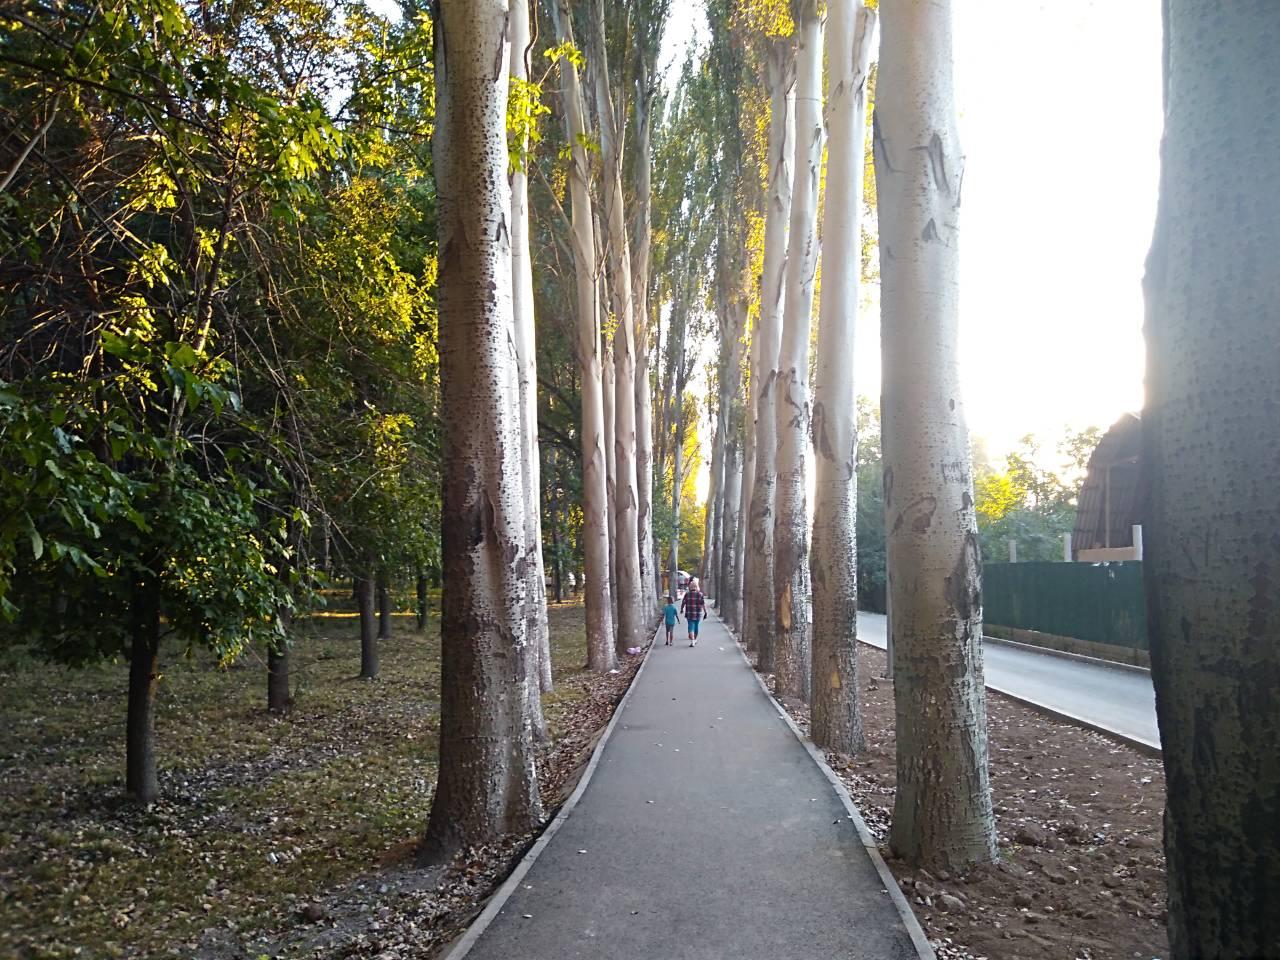 Карагачёвая роща в Верёвочном парке